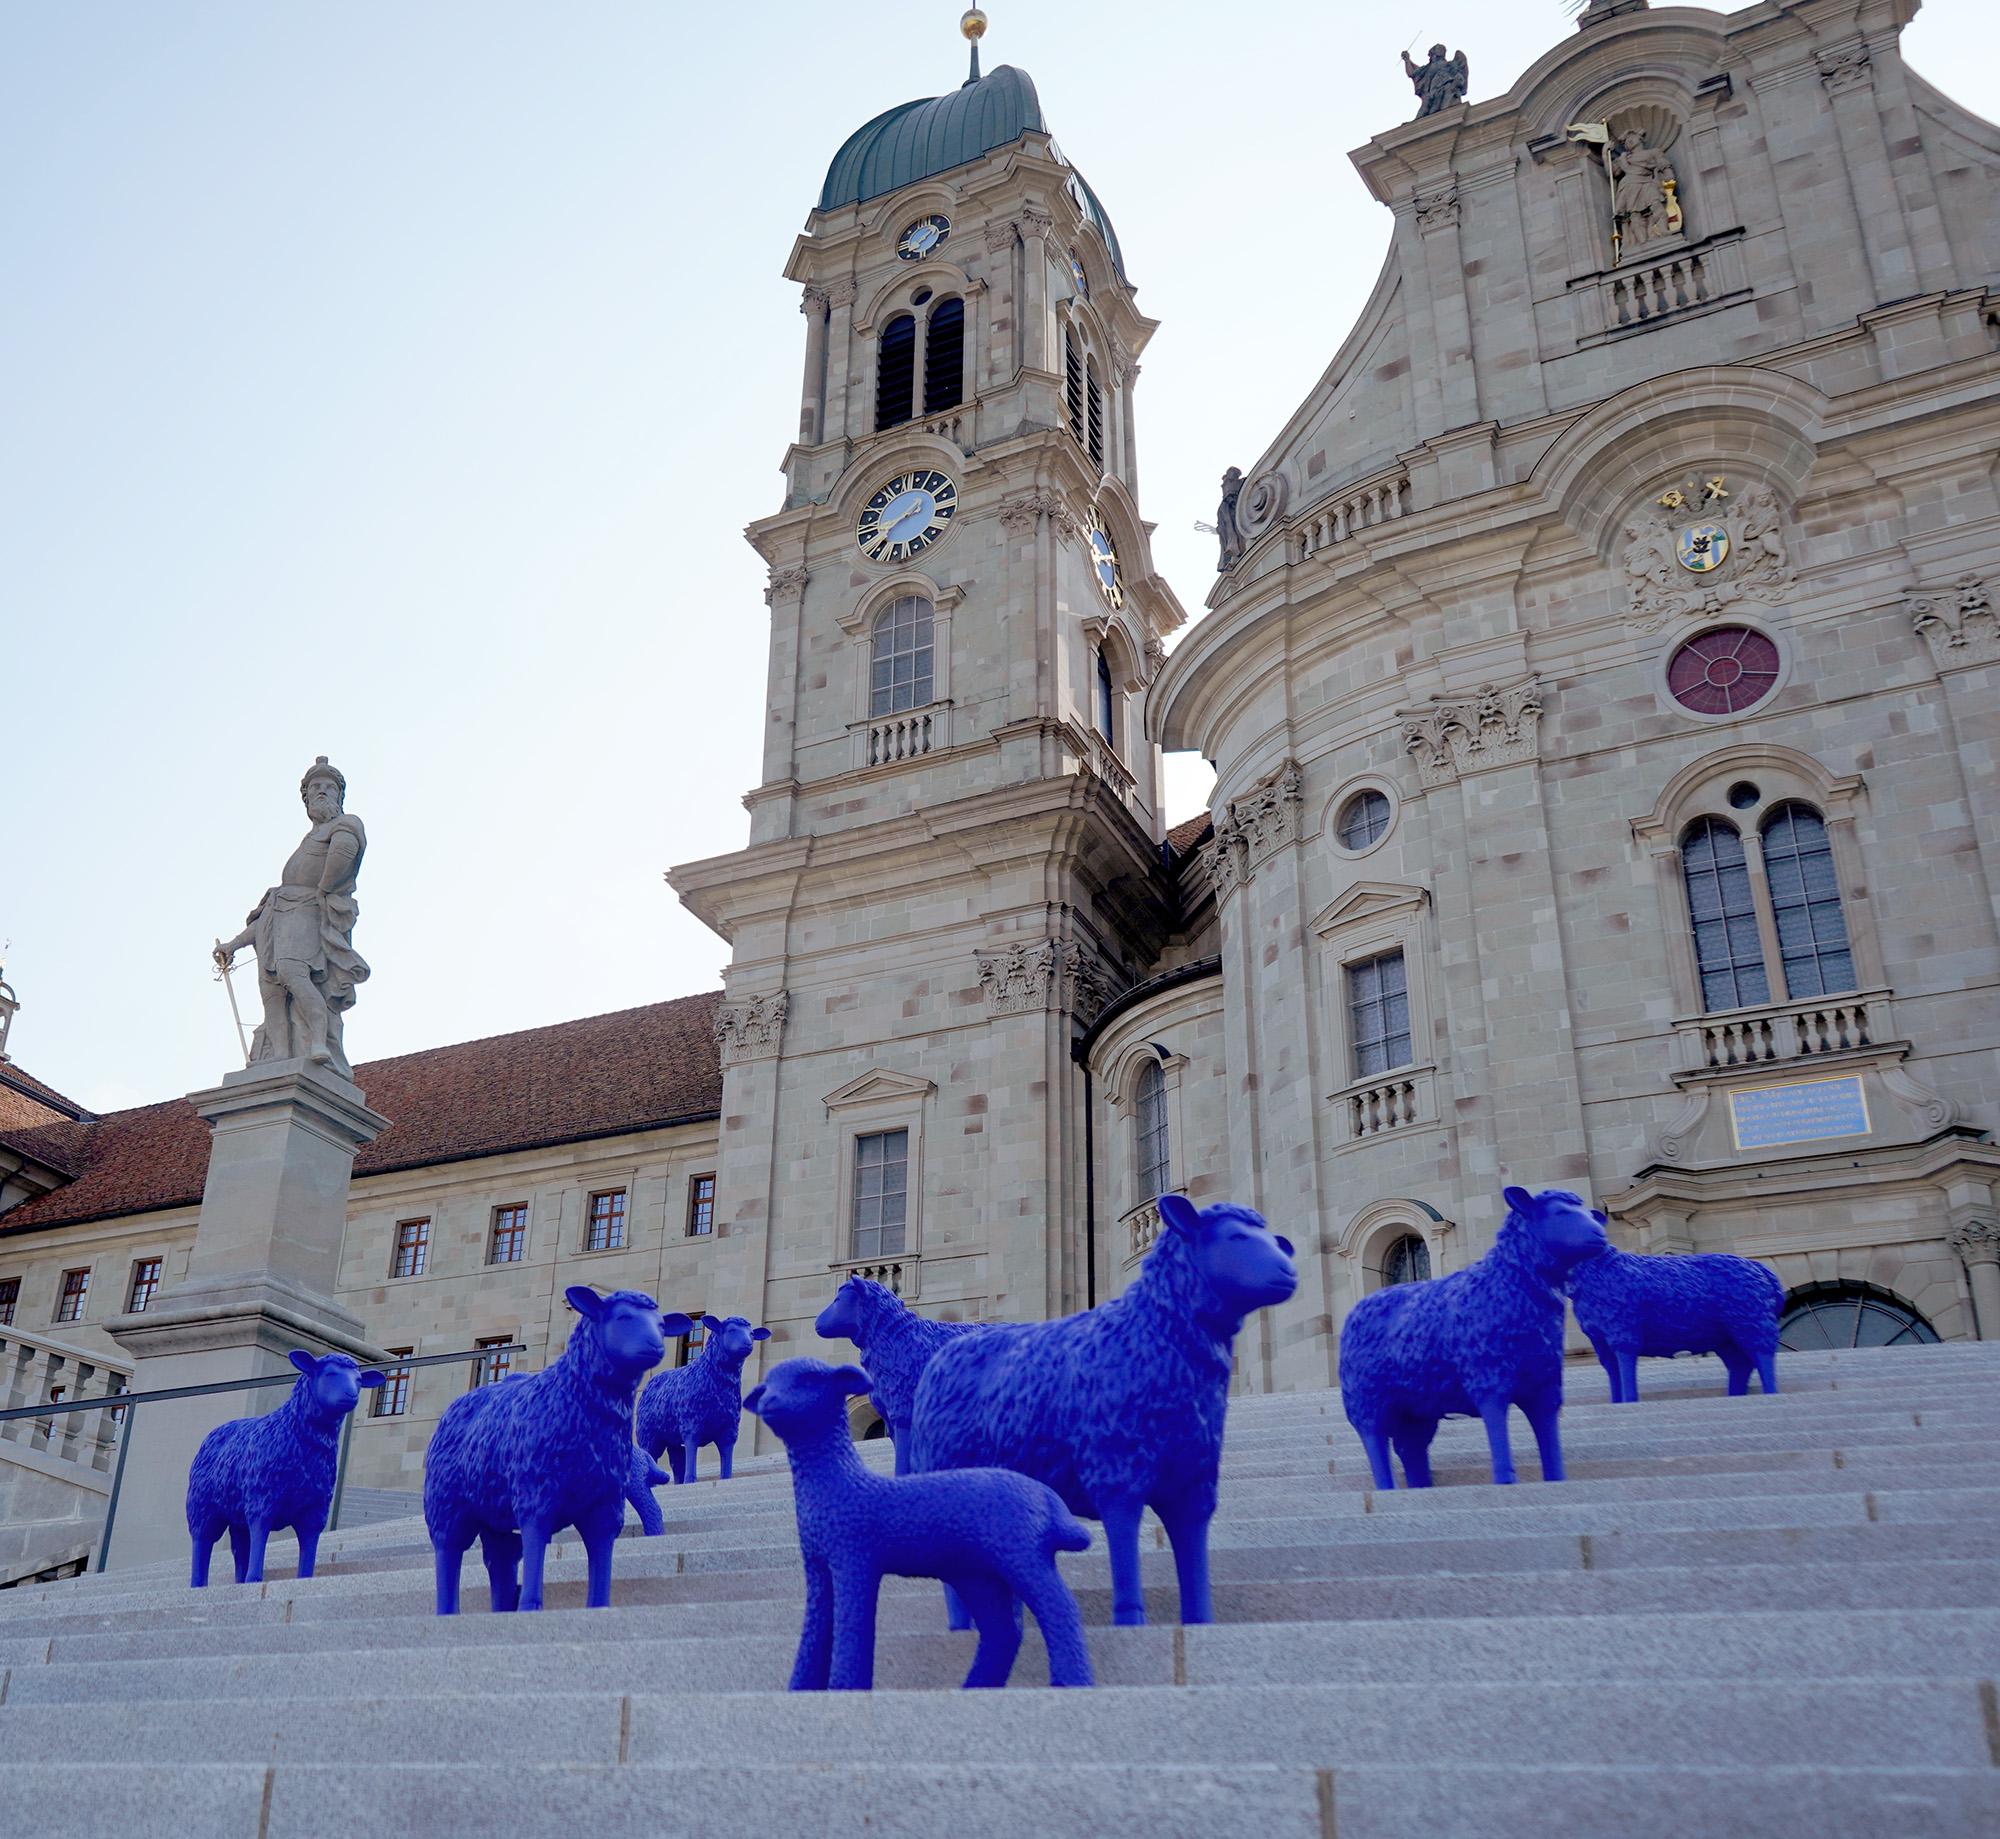 Im Rahmen einer mehrjährigen Ausstellungstour ist die Herde in vielen europäischen Städten unterwegs und weidet nach ihrer Reise und einem kurzen Zwischenhalt im Kloster Einsiedeln ebenfalls auf der Insel Ufnau.